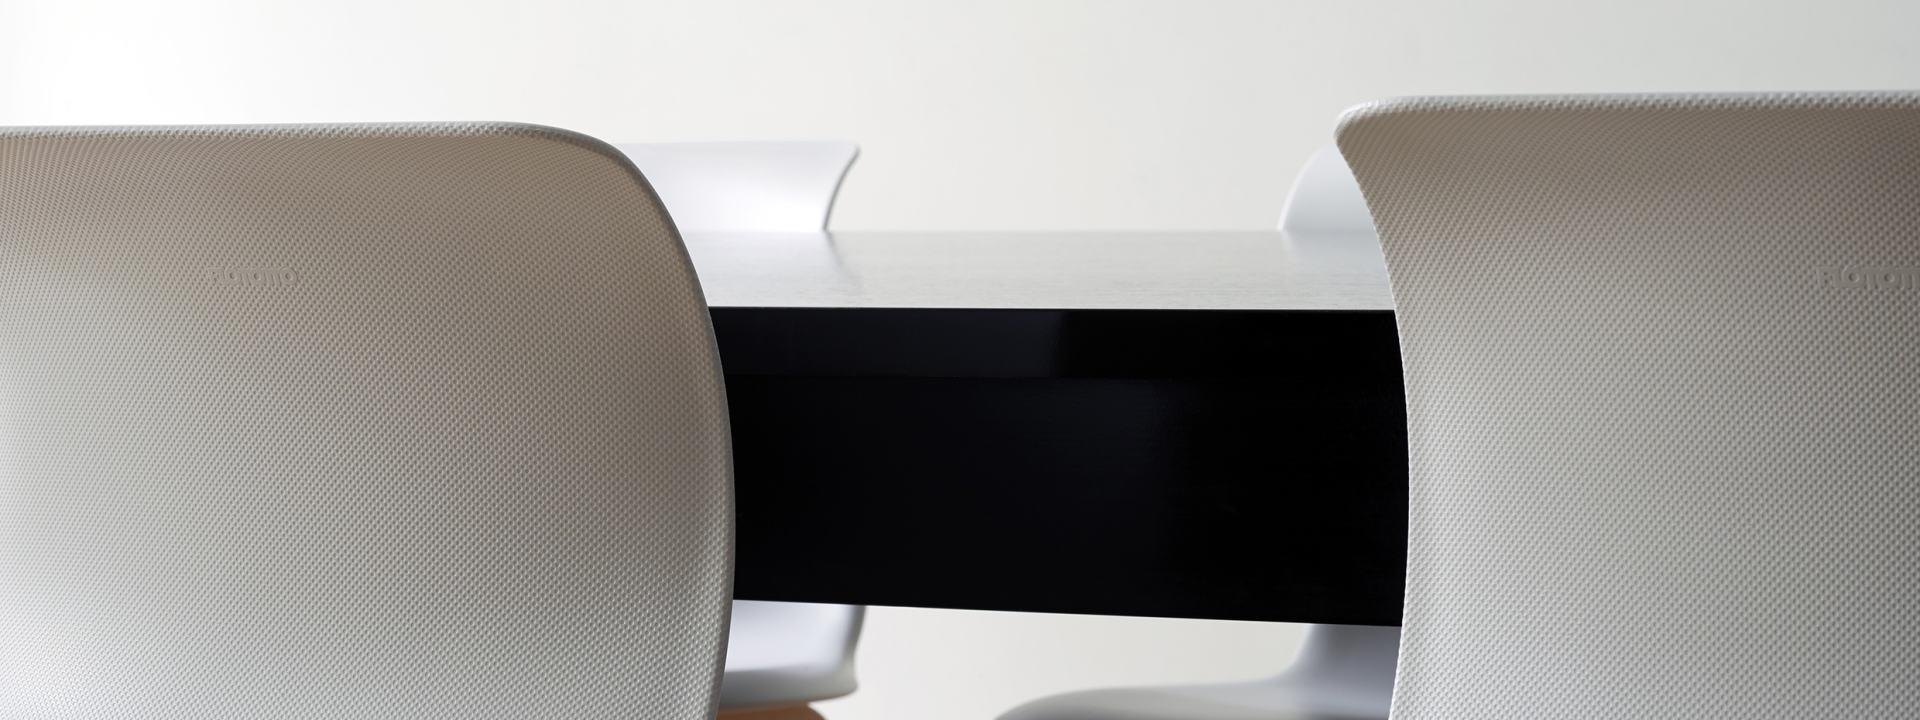 PRO 6 Vierbeinholzgestell, Sitzsysteme, Bürostuhl, Bürostühle, Stuhl, Stühle, Holz